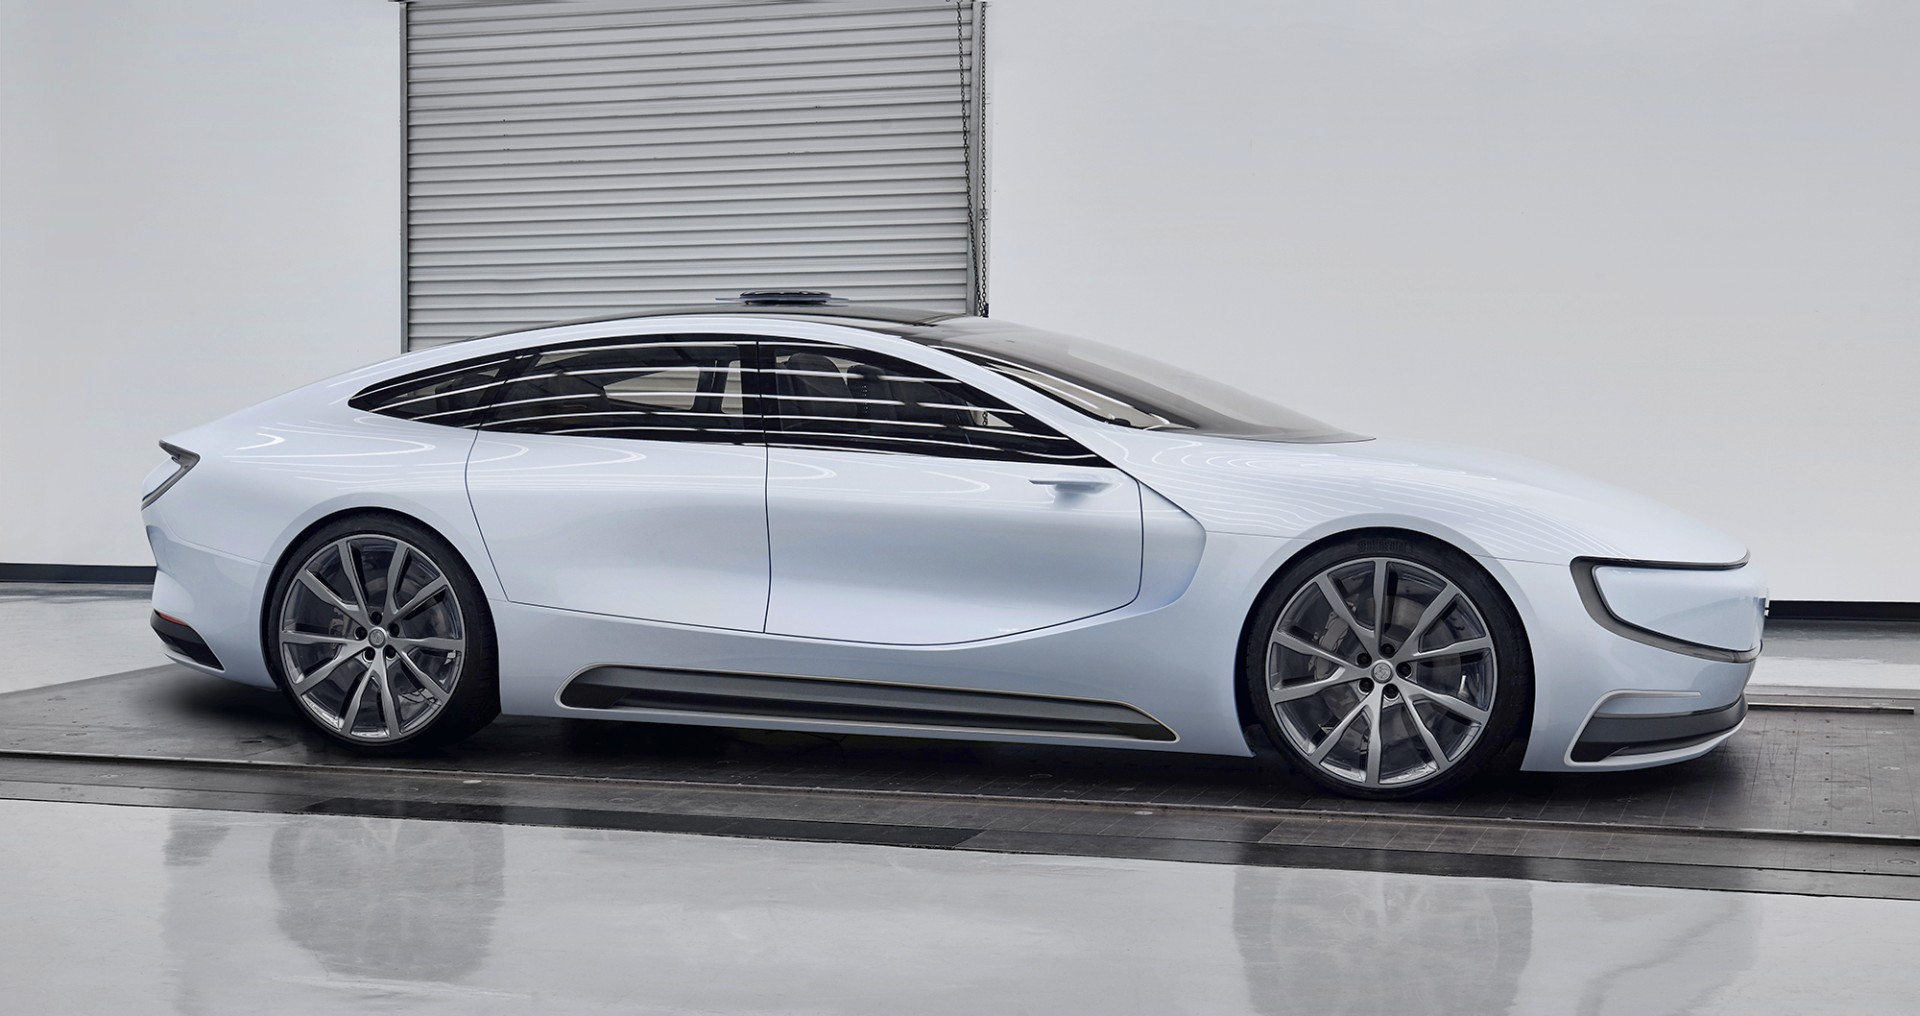 Исследование: электромобилями можно заменить 87% машин на дорогах - 6